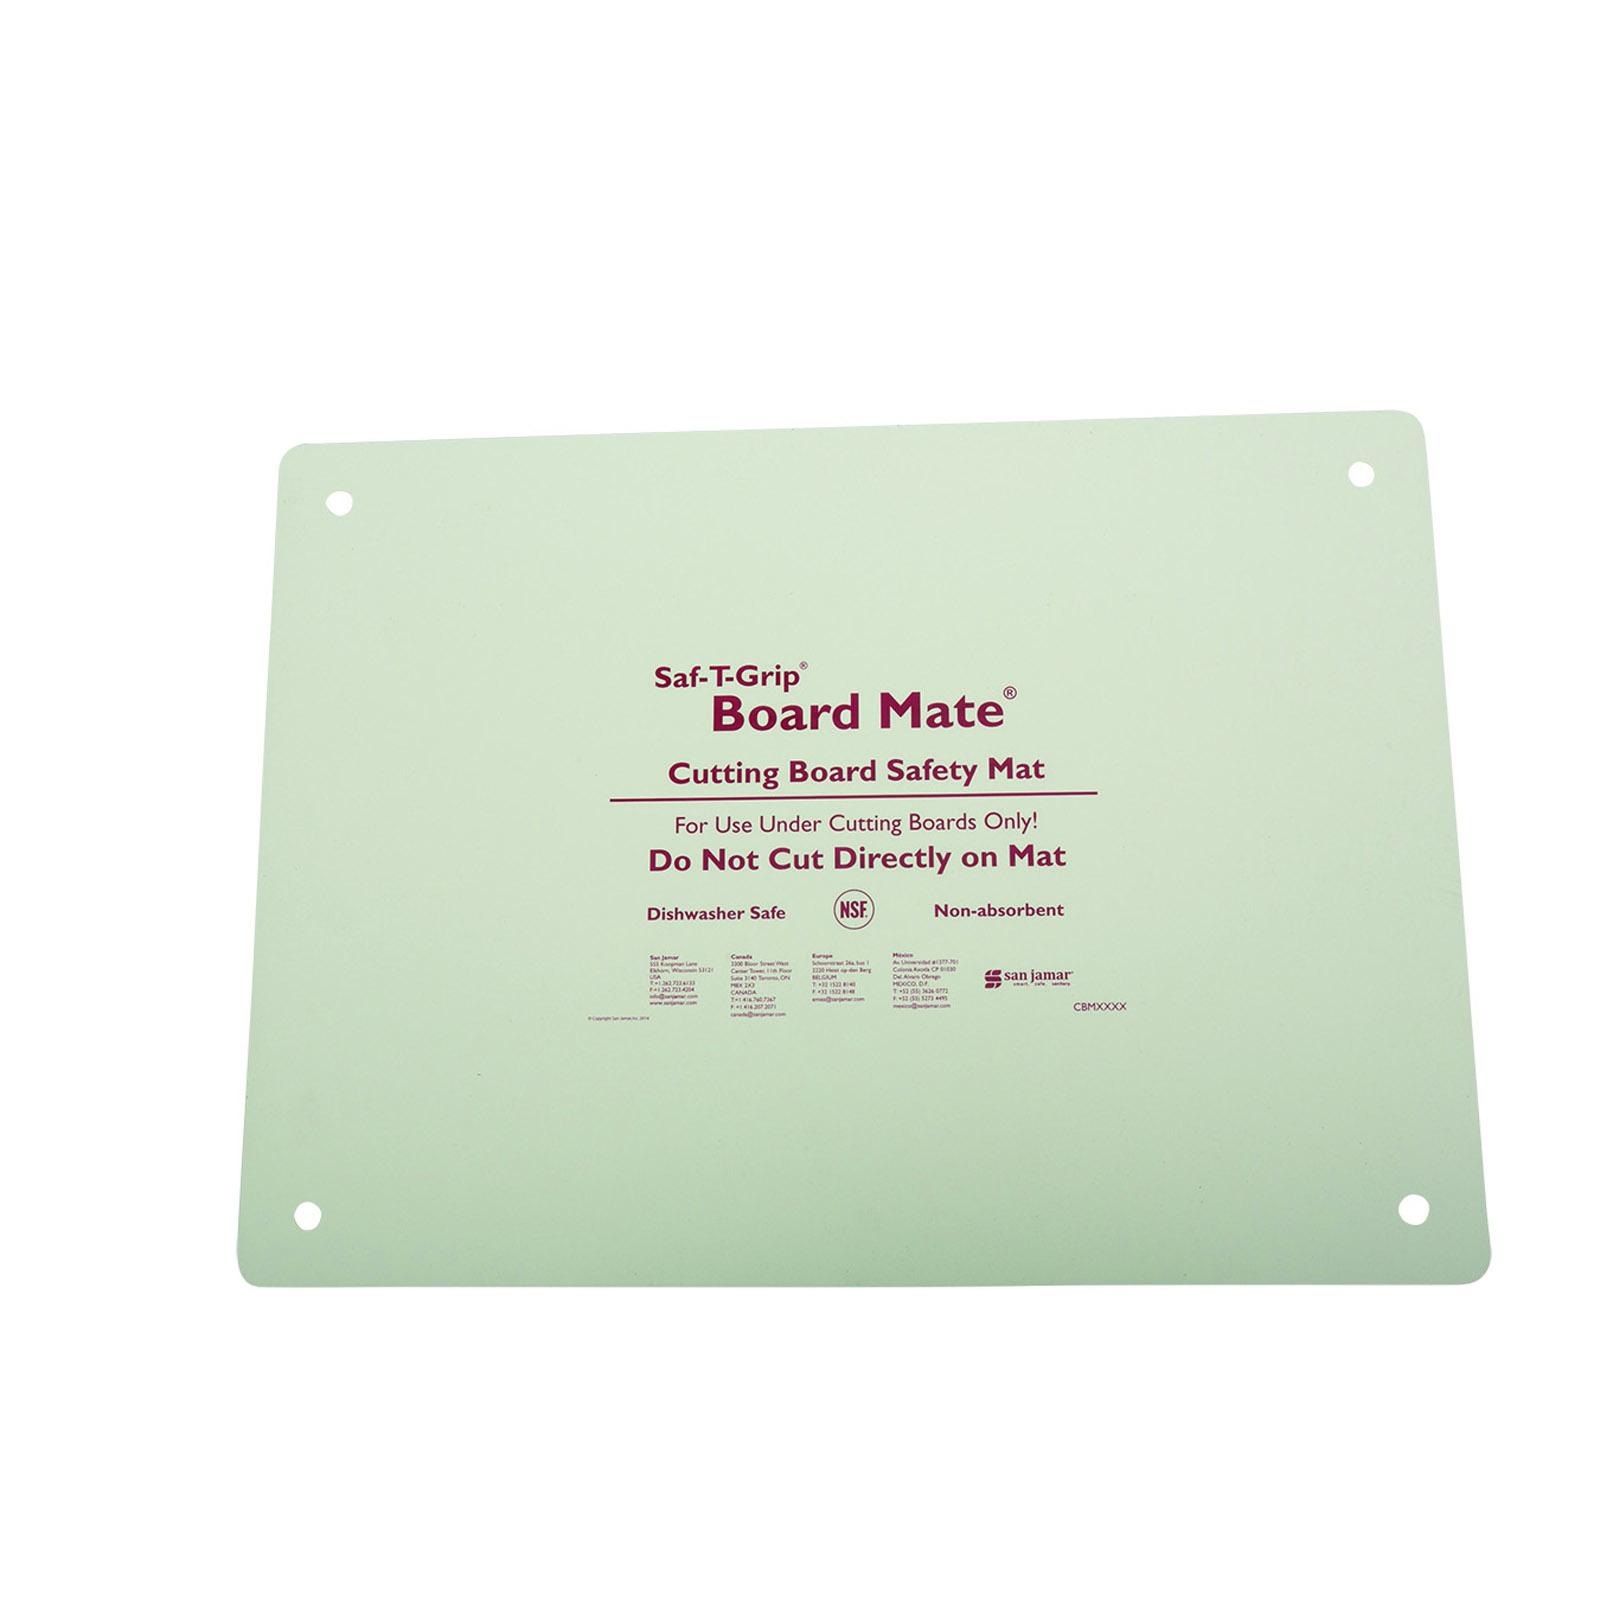 1700-1318 San Jamar CBM1318 cutting board mat